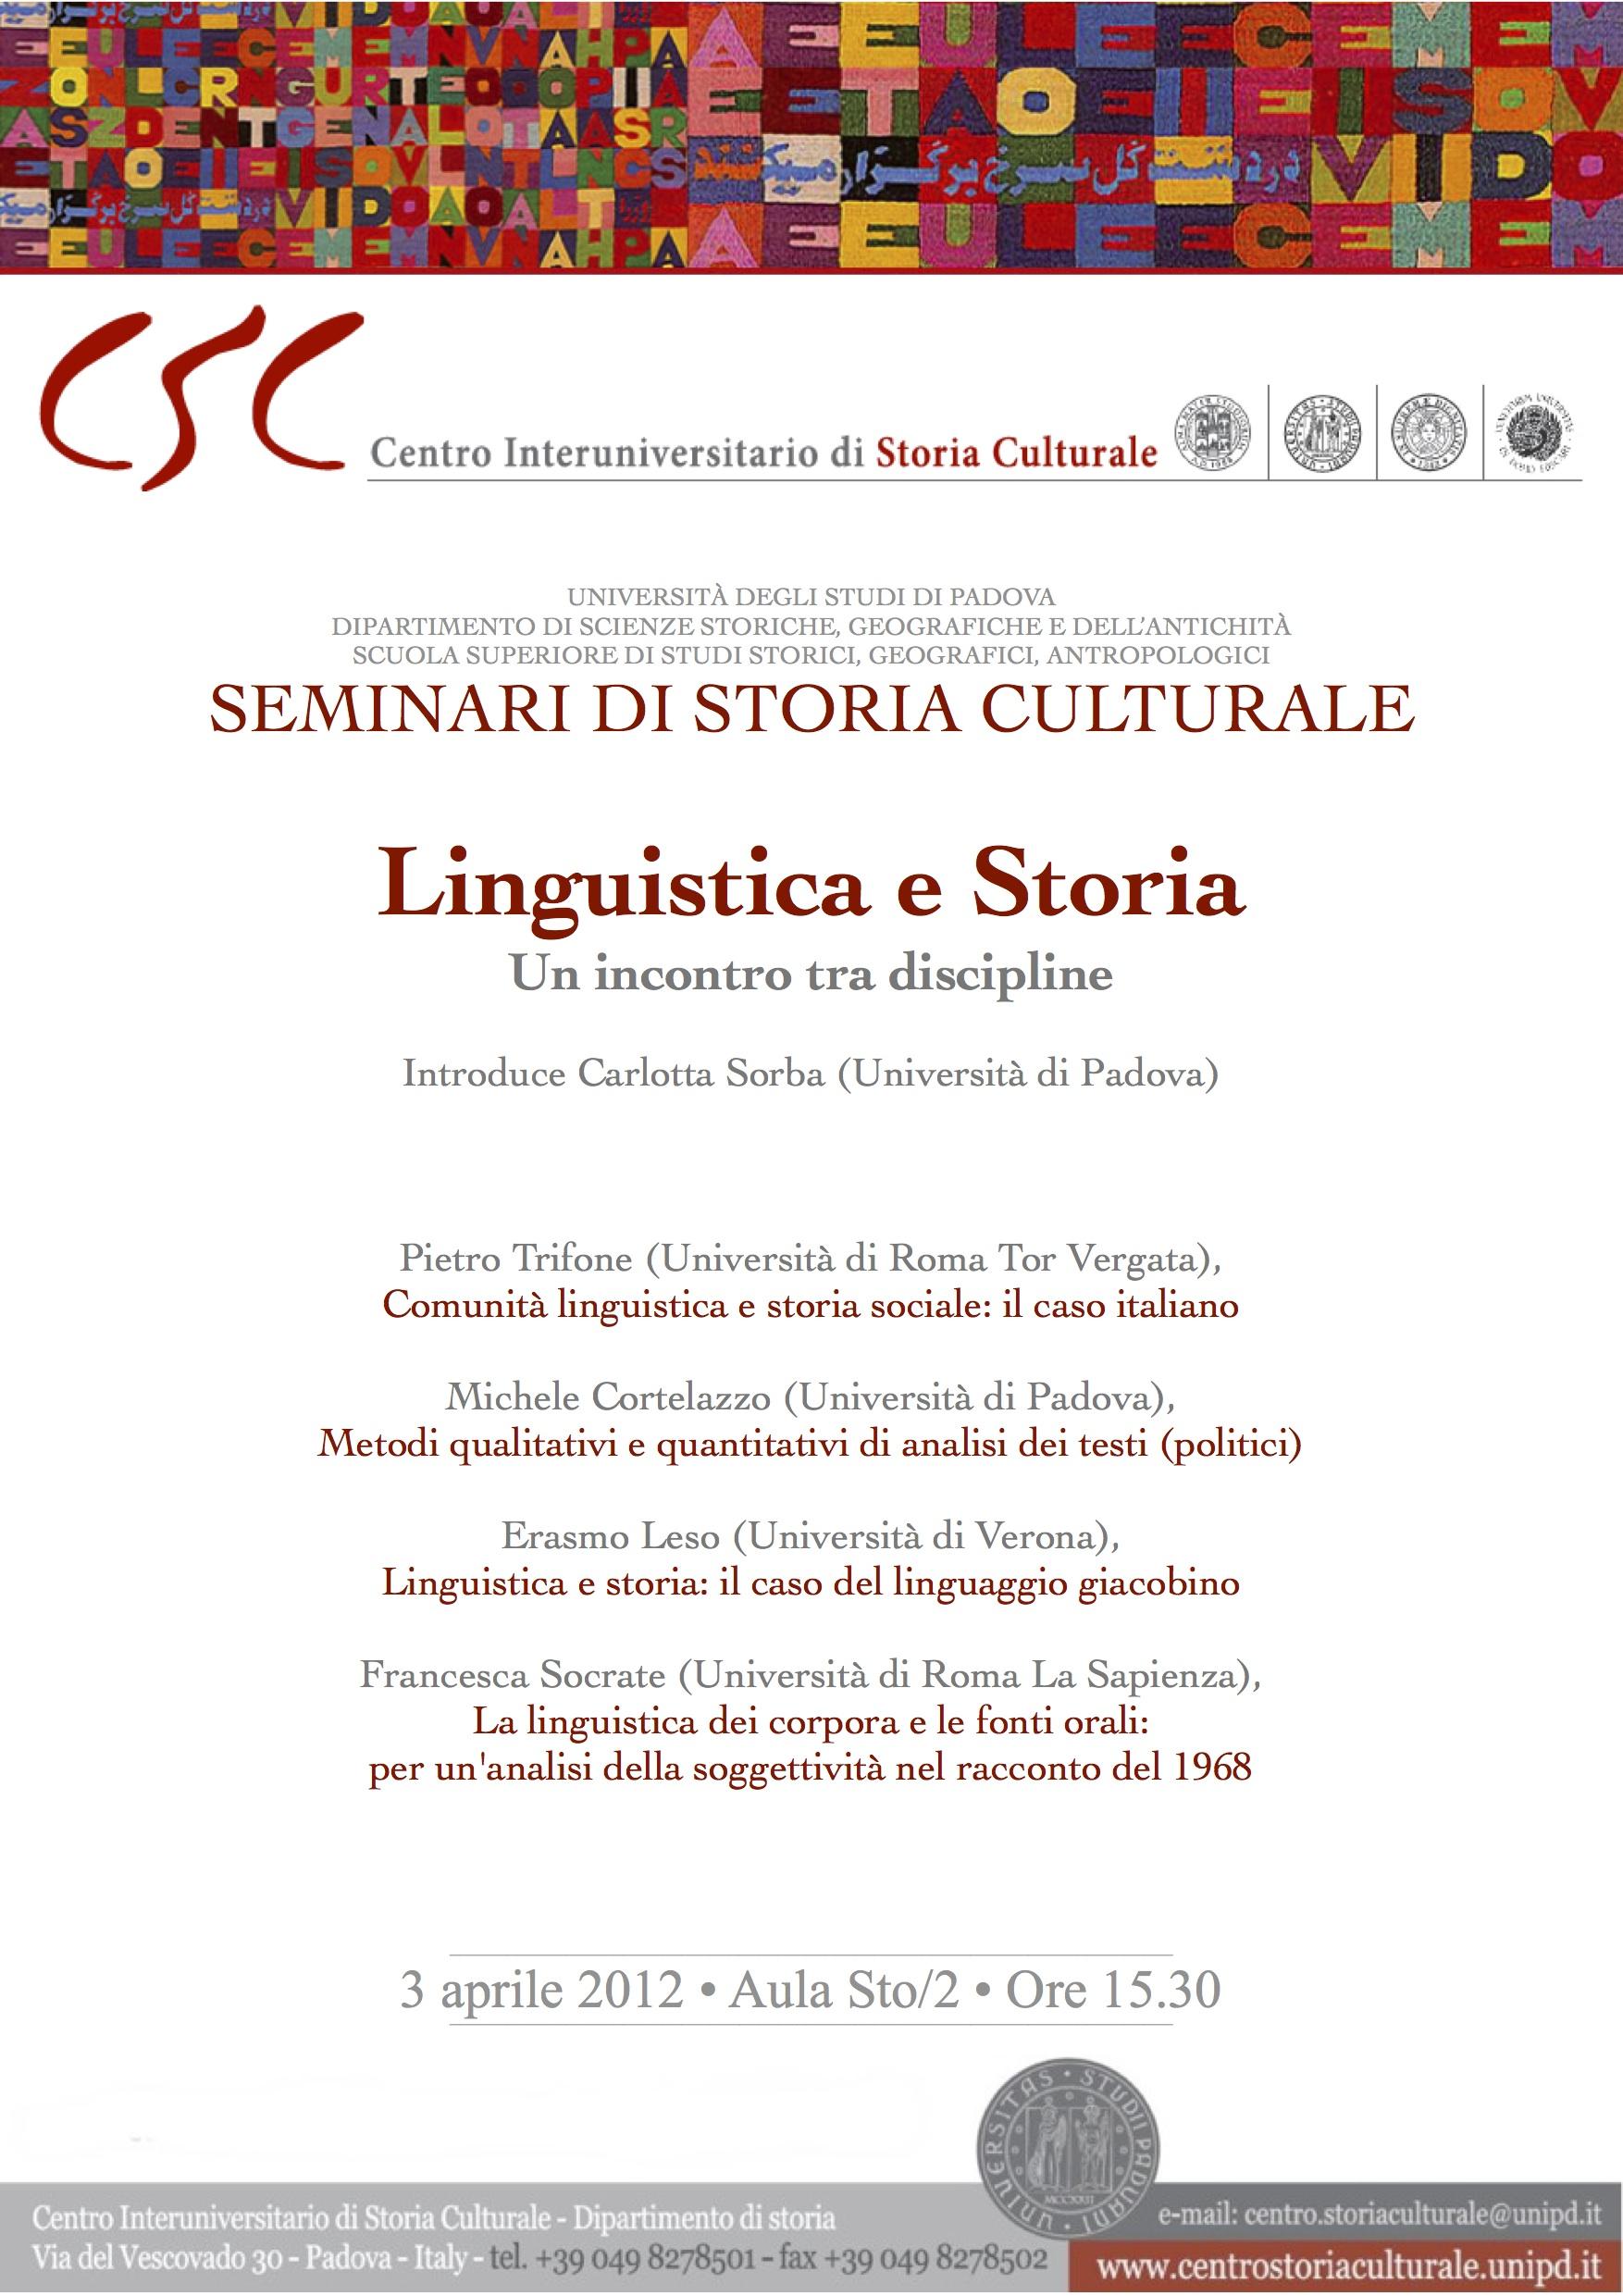 2012-04 (PD) Linguistica e storia.jpg